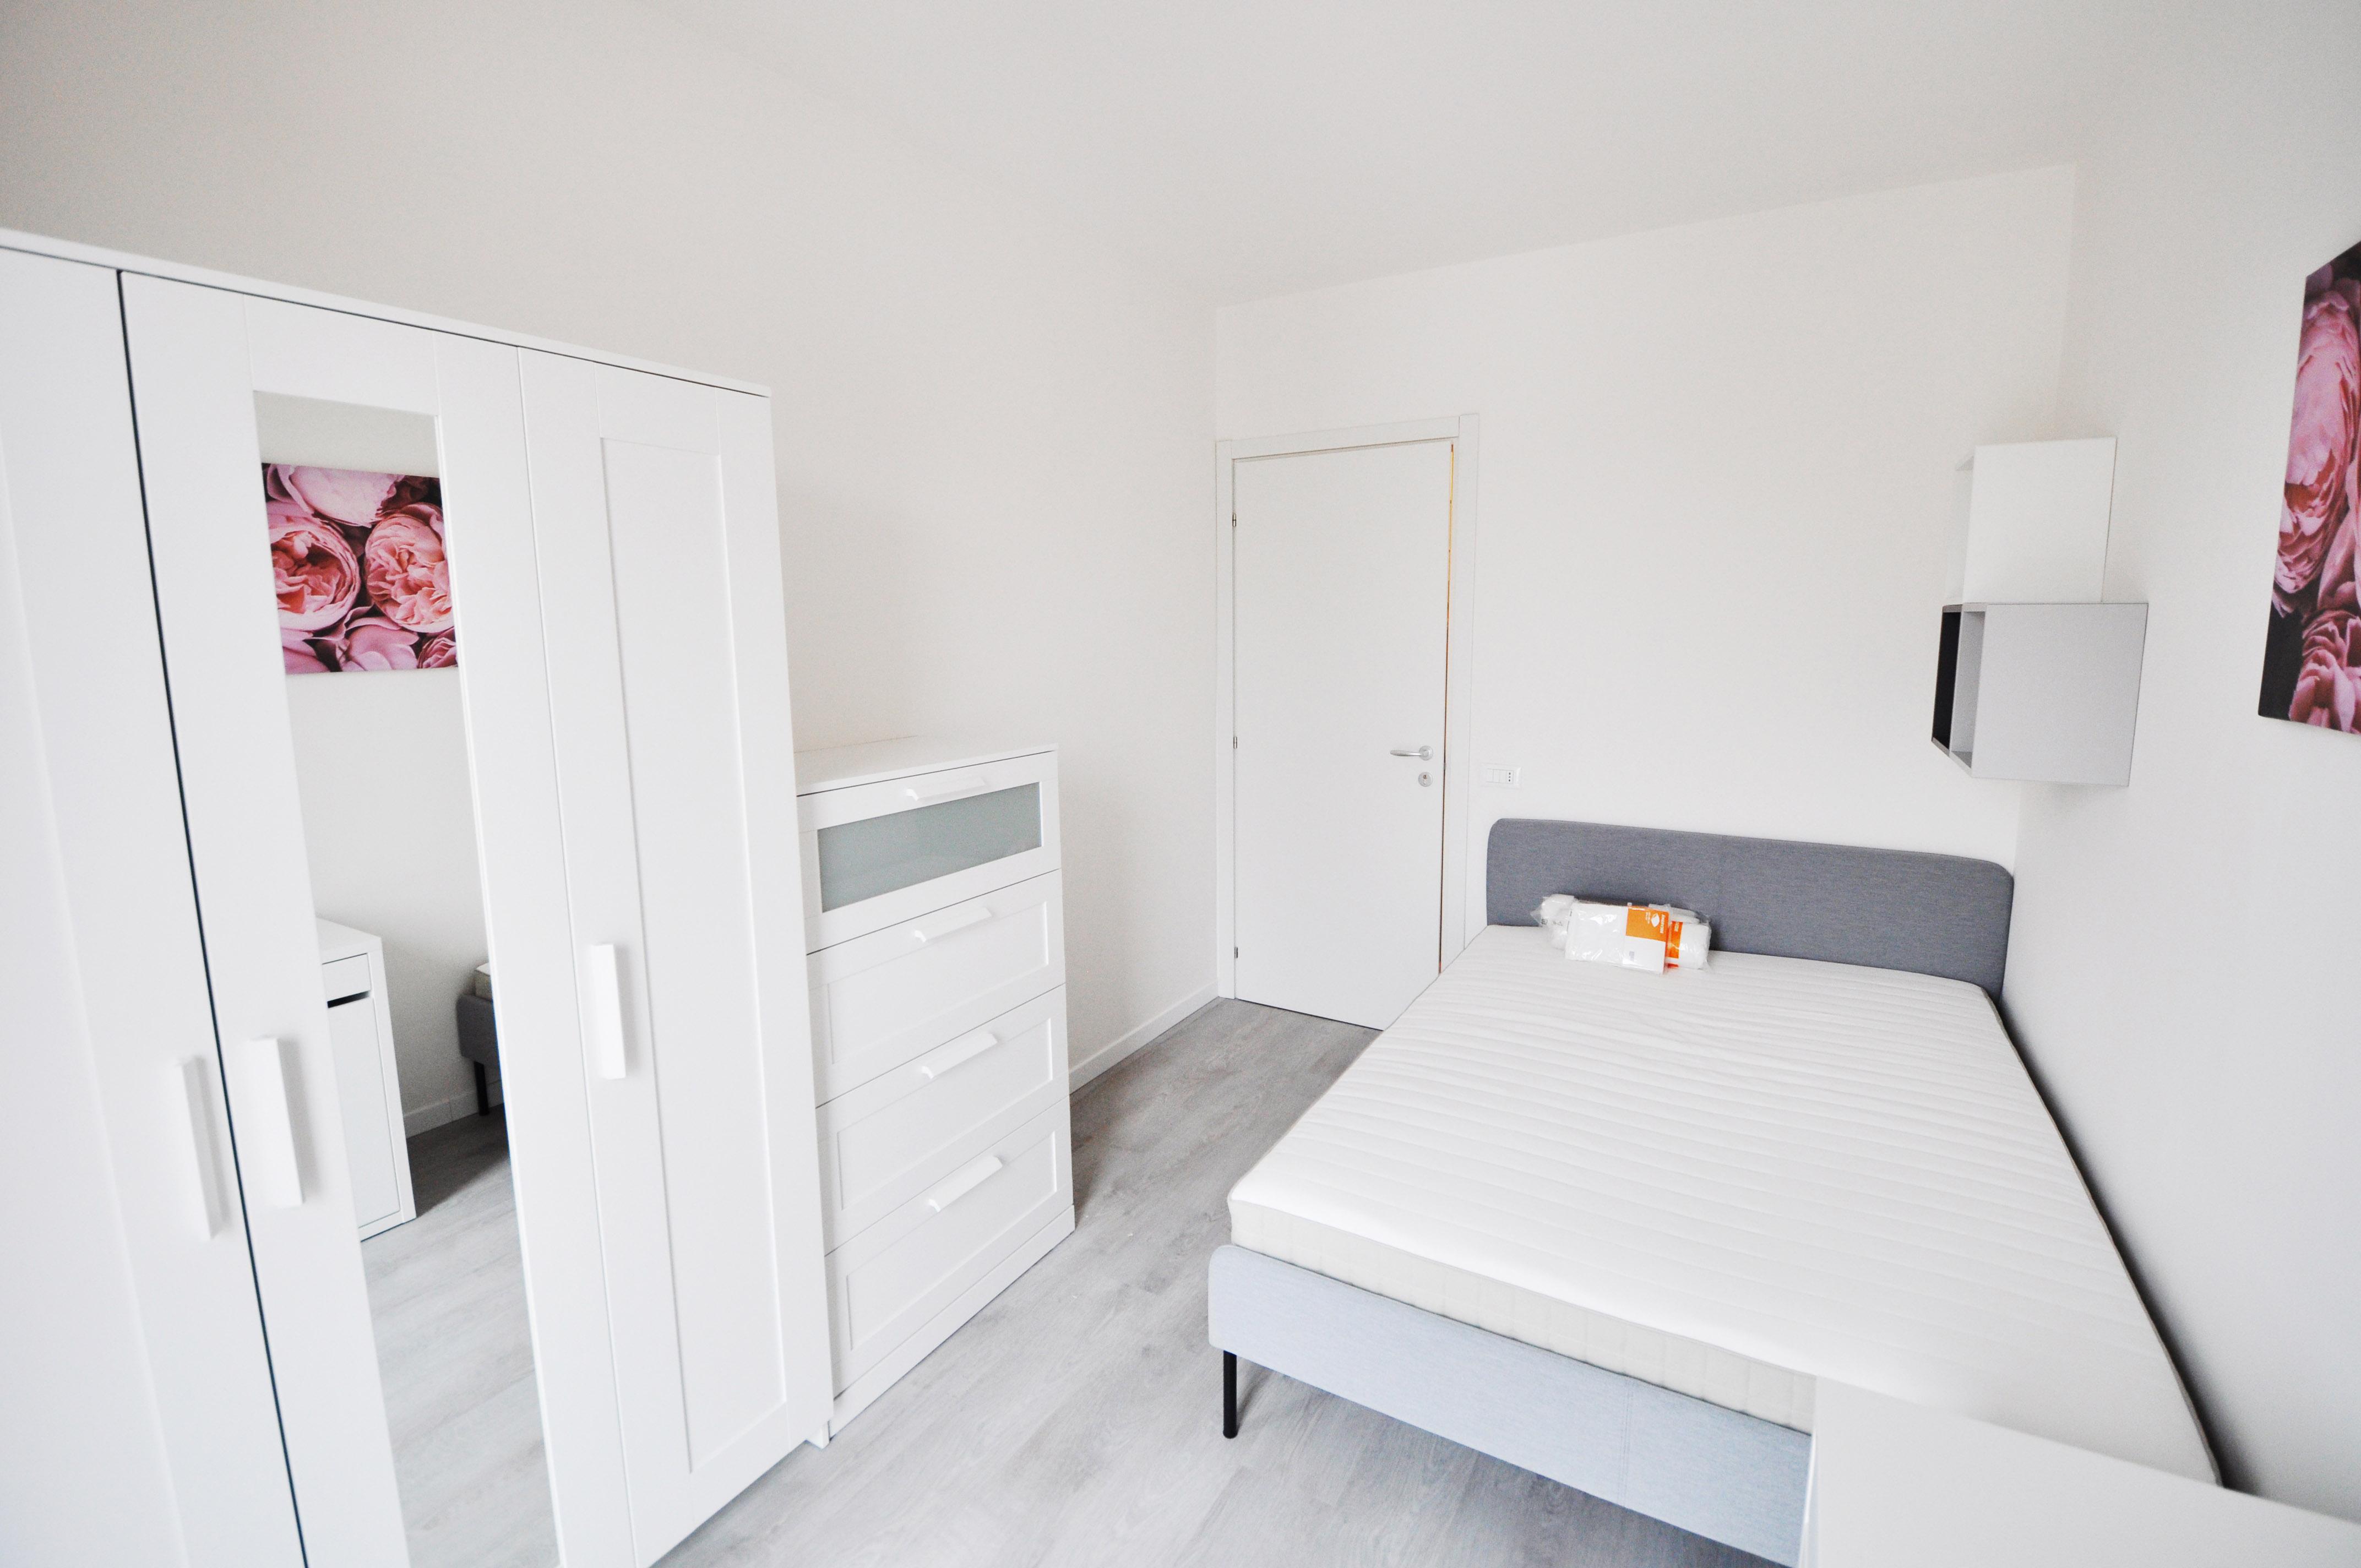 Camere in affitto-Treviso-Ospedale-Stazione-Studio-Architettura-Zanatta bertolini_14